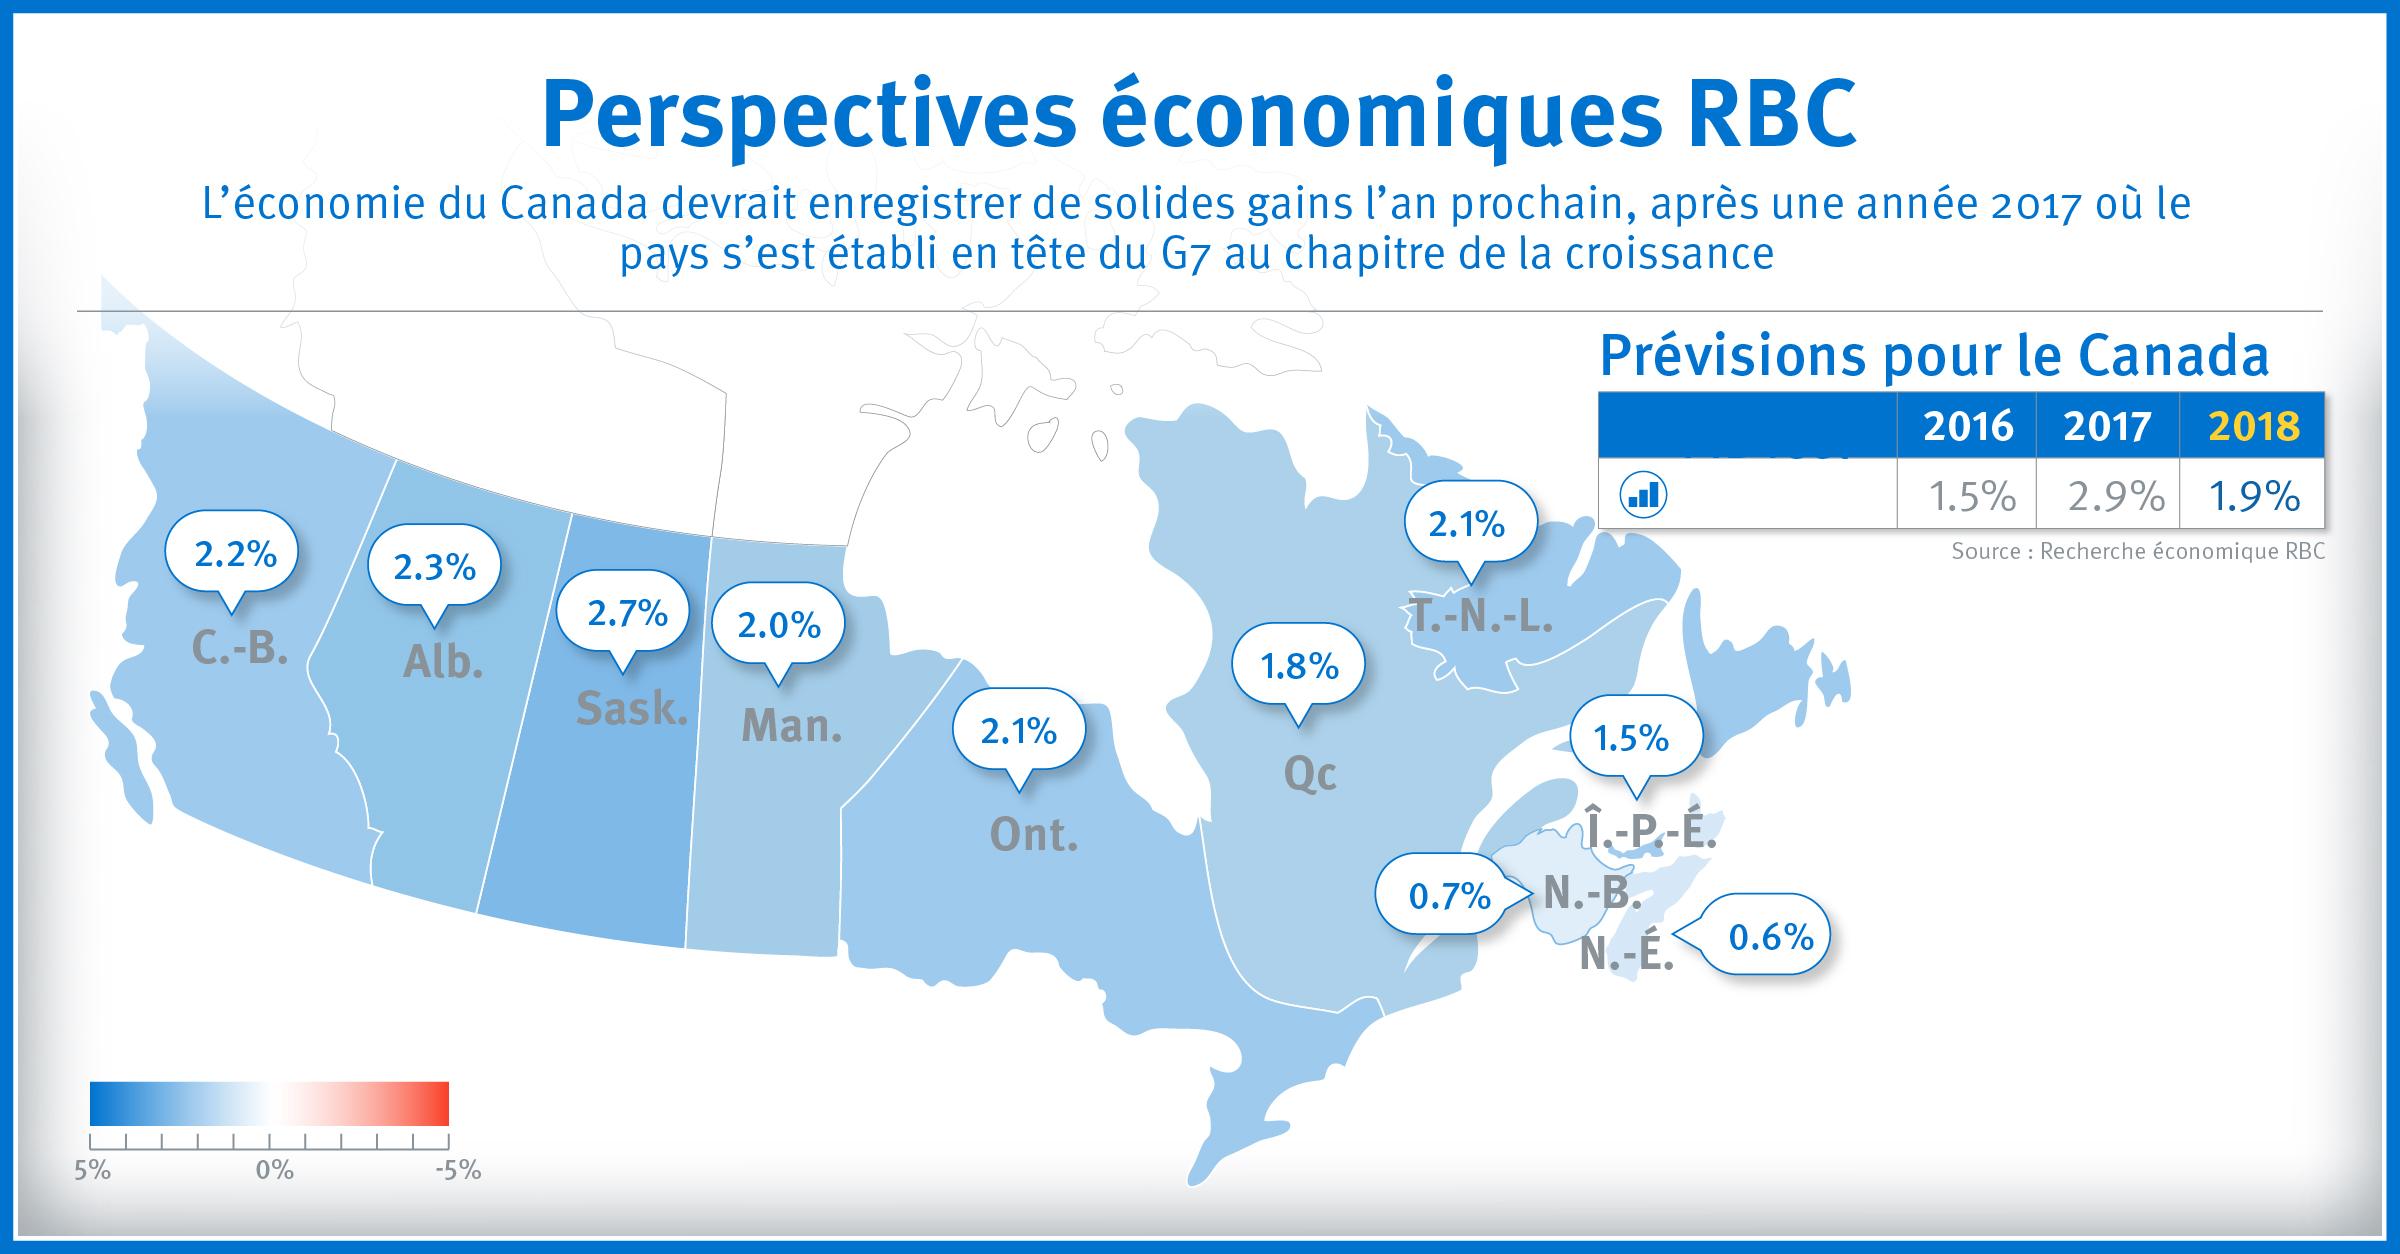 L'économie du Canada devrait enregistrer de solides gains l'an prochain